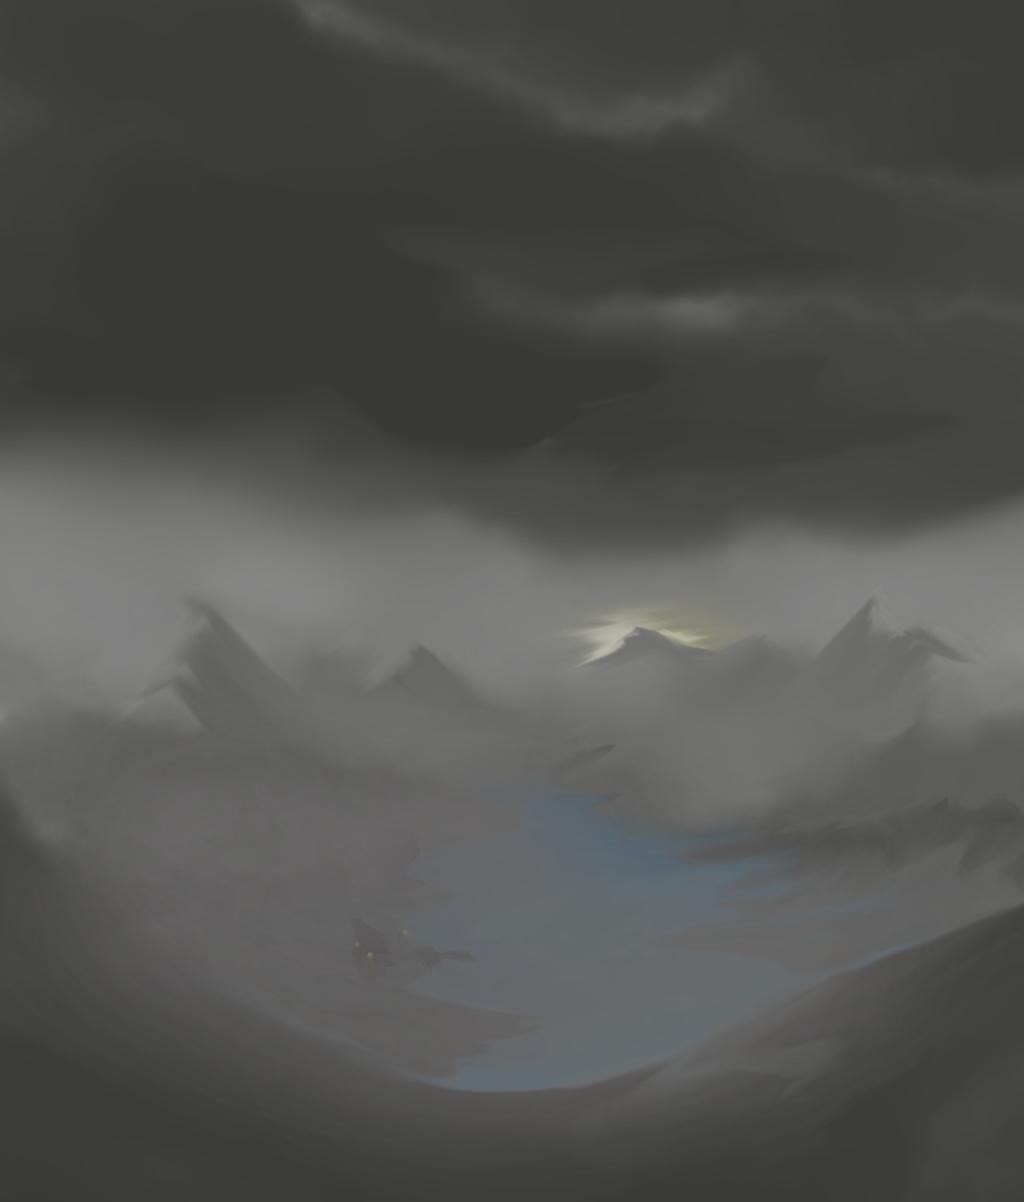 Most recent image: Generic landscape #37